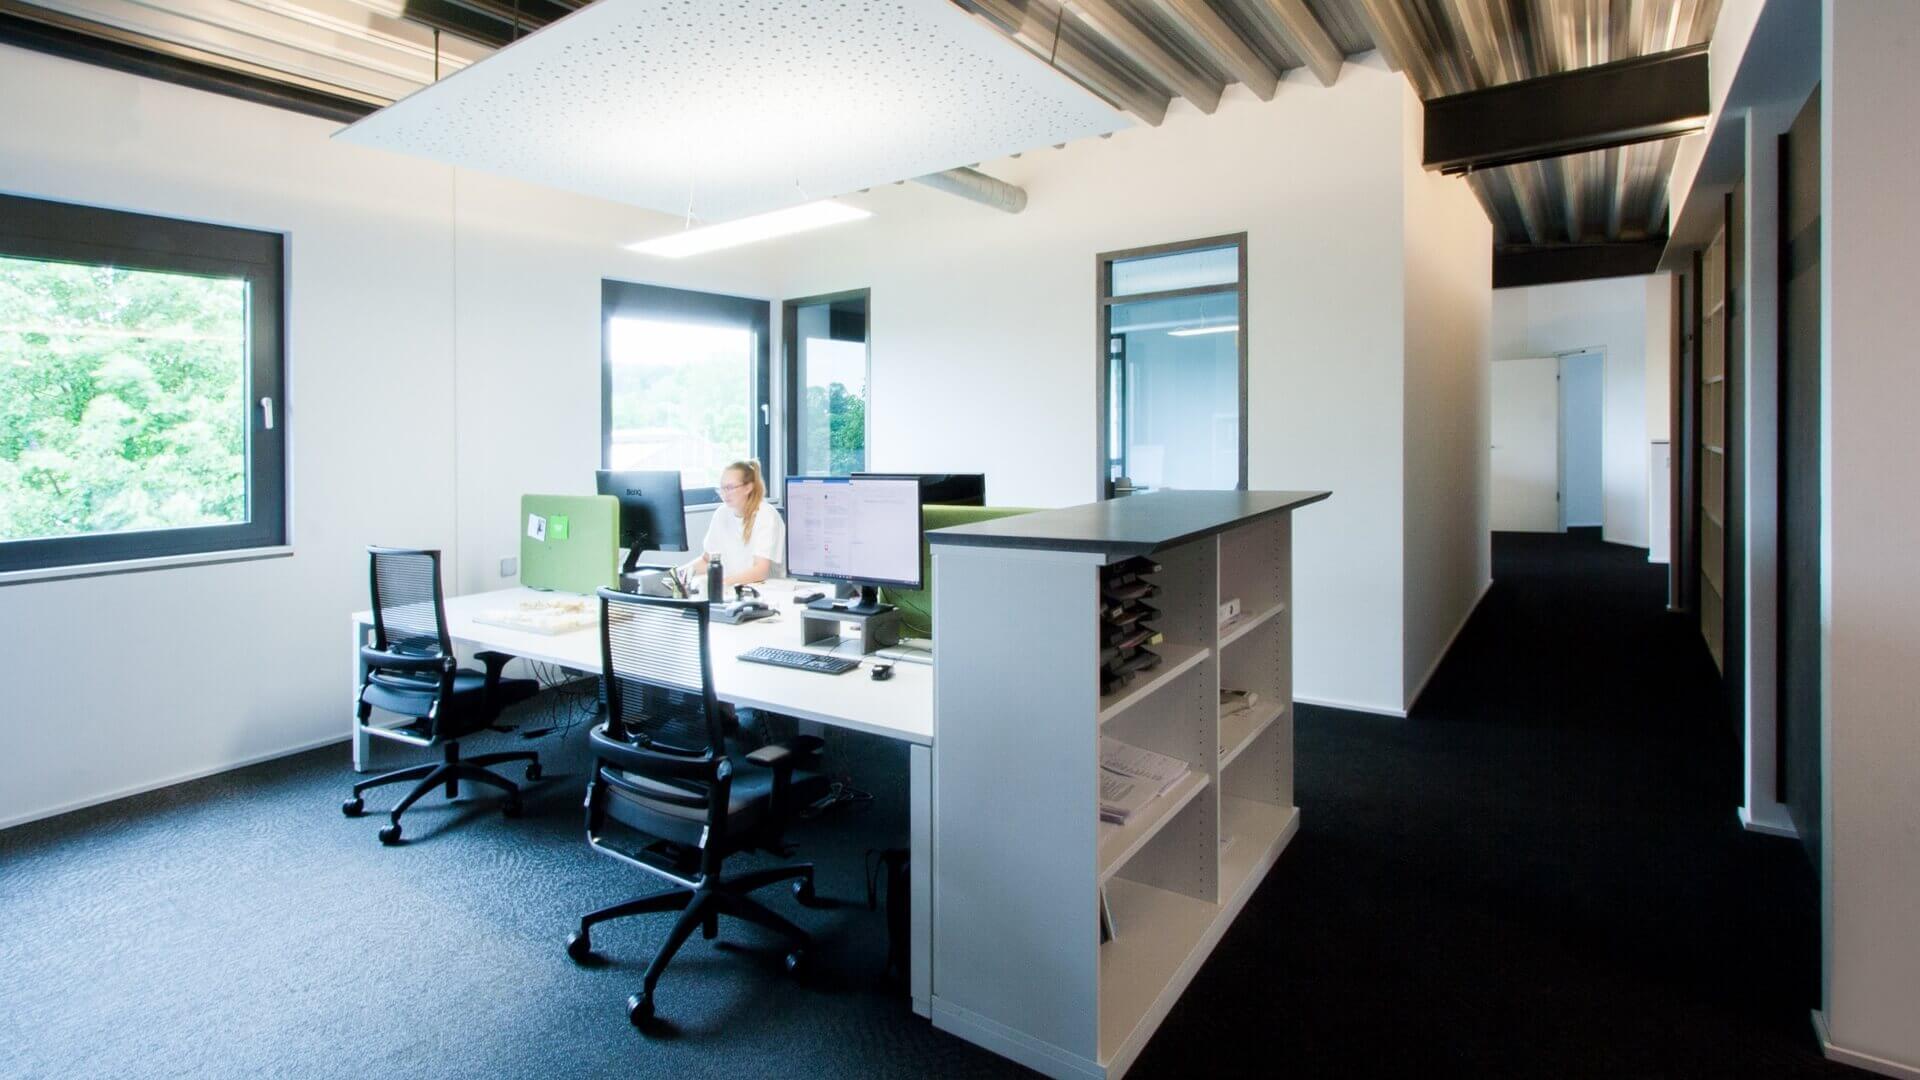 Architekturbüro Steinke + Zils